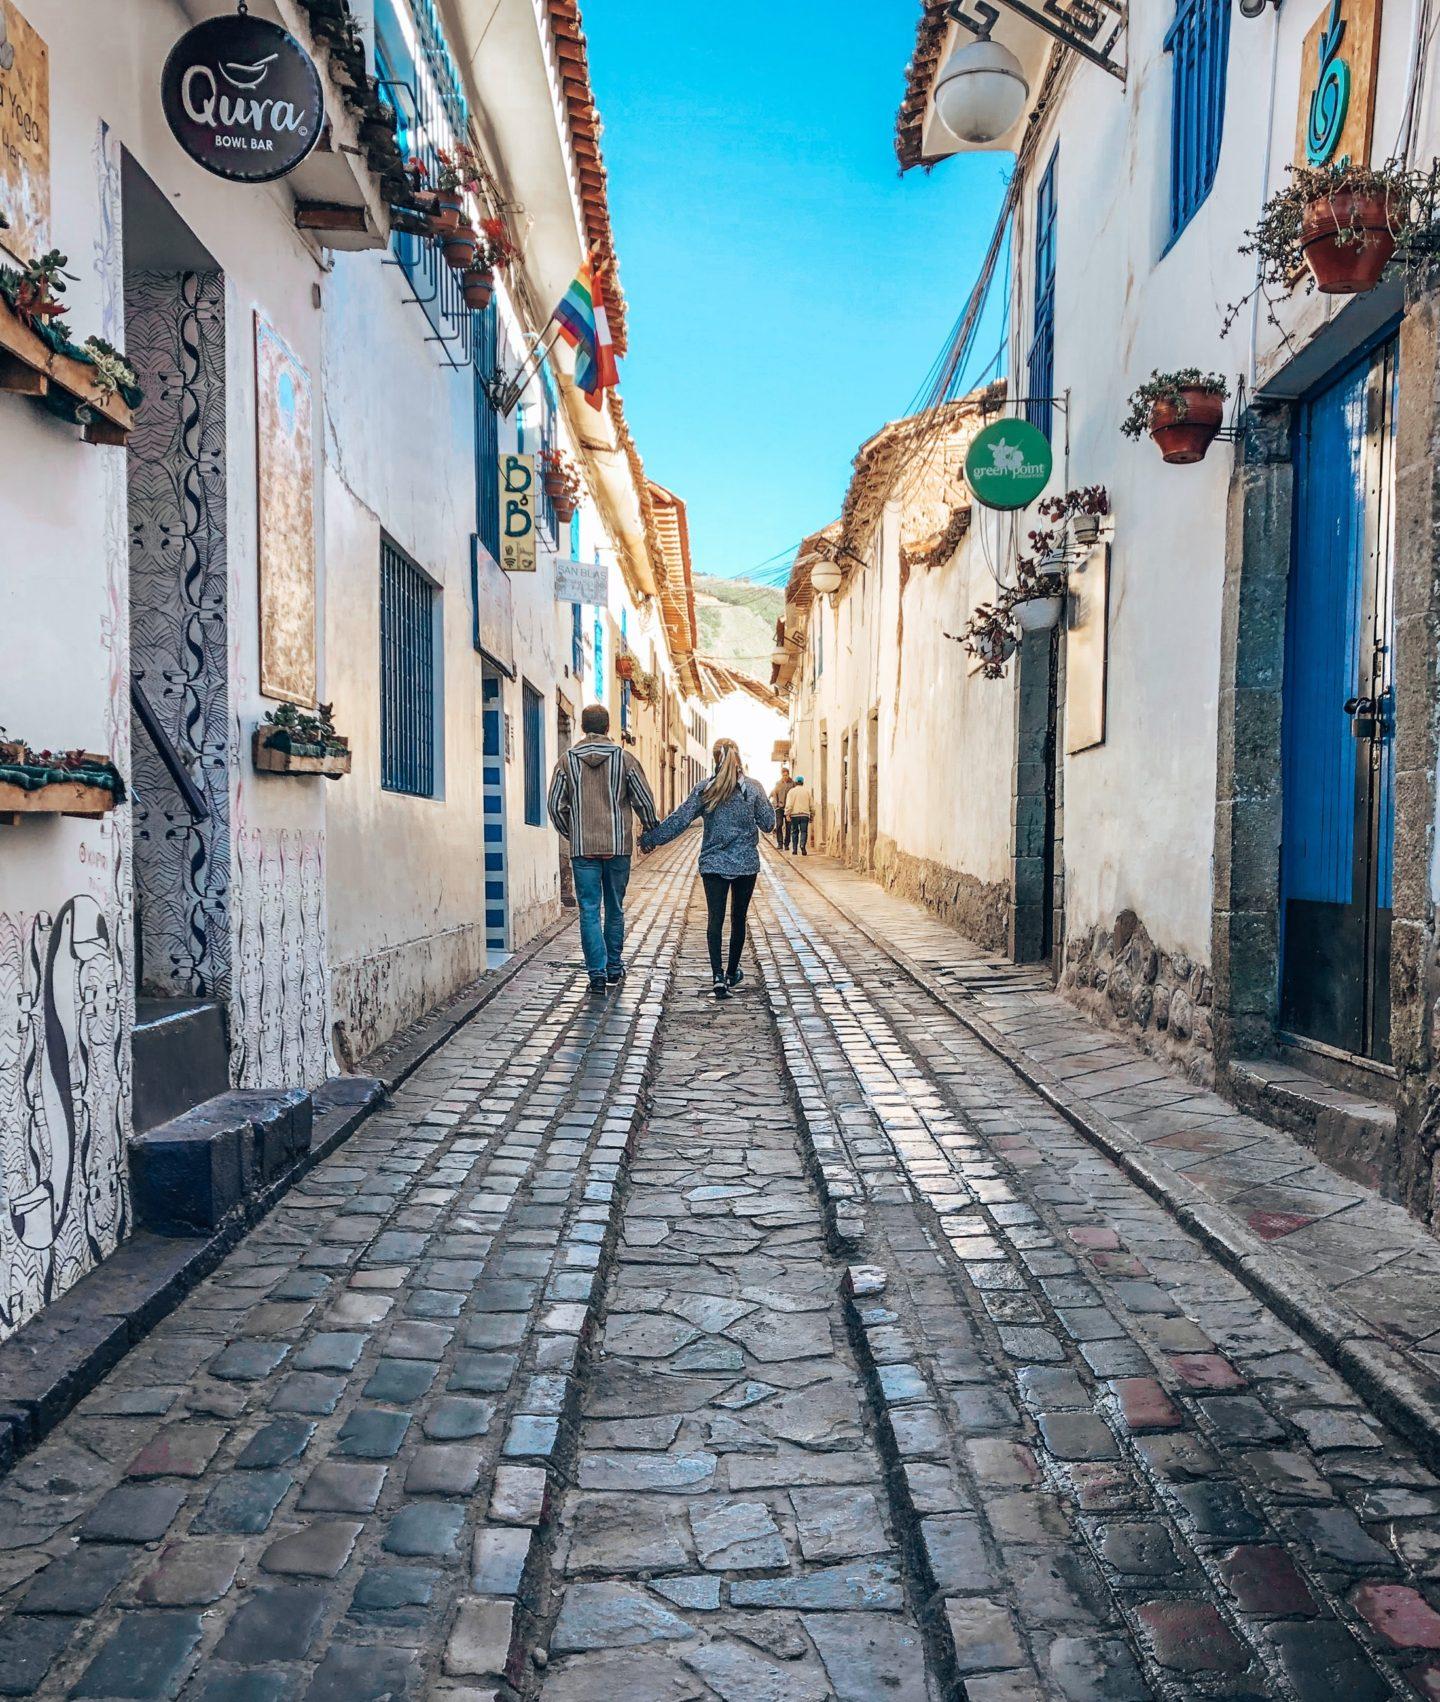 Roam the charming streets of Cusco in Peru